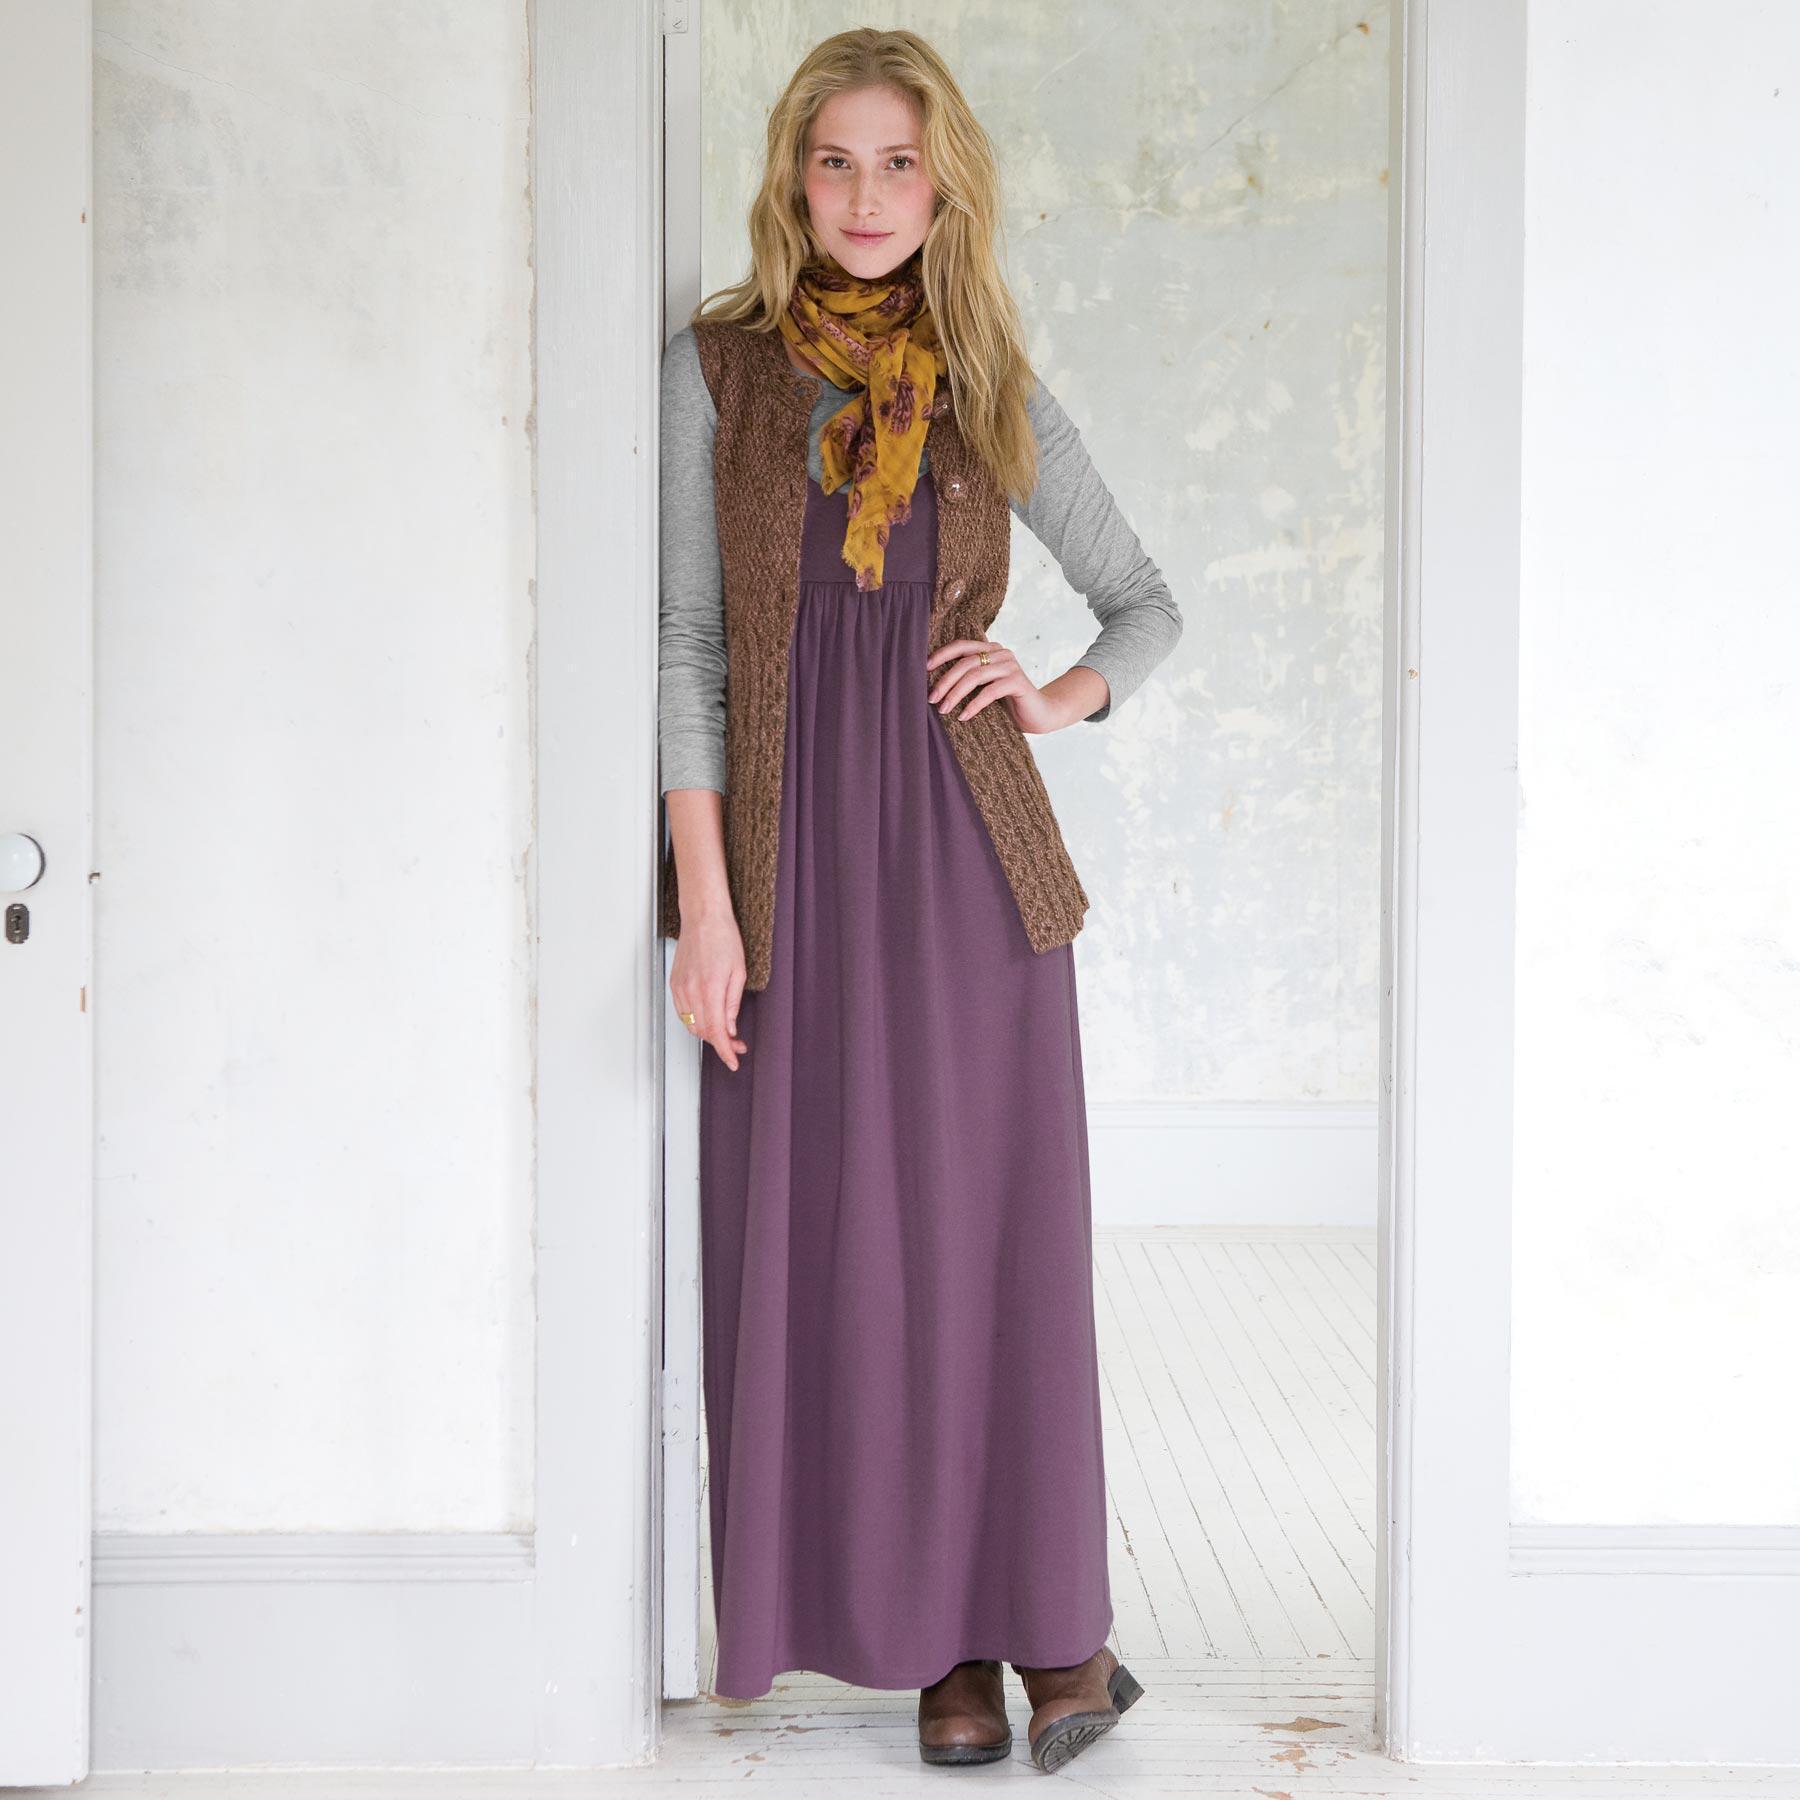 SPAGHETTI STRAP DRESS: View 1